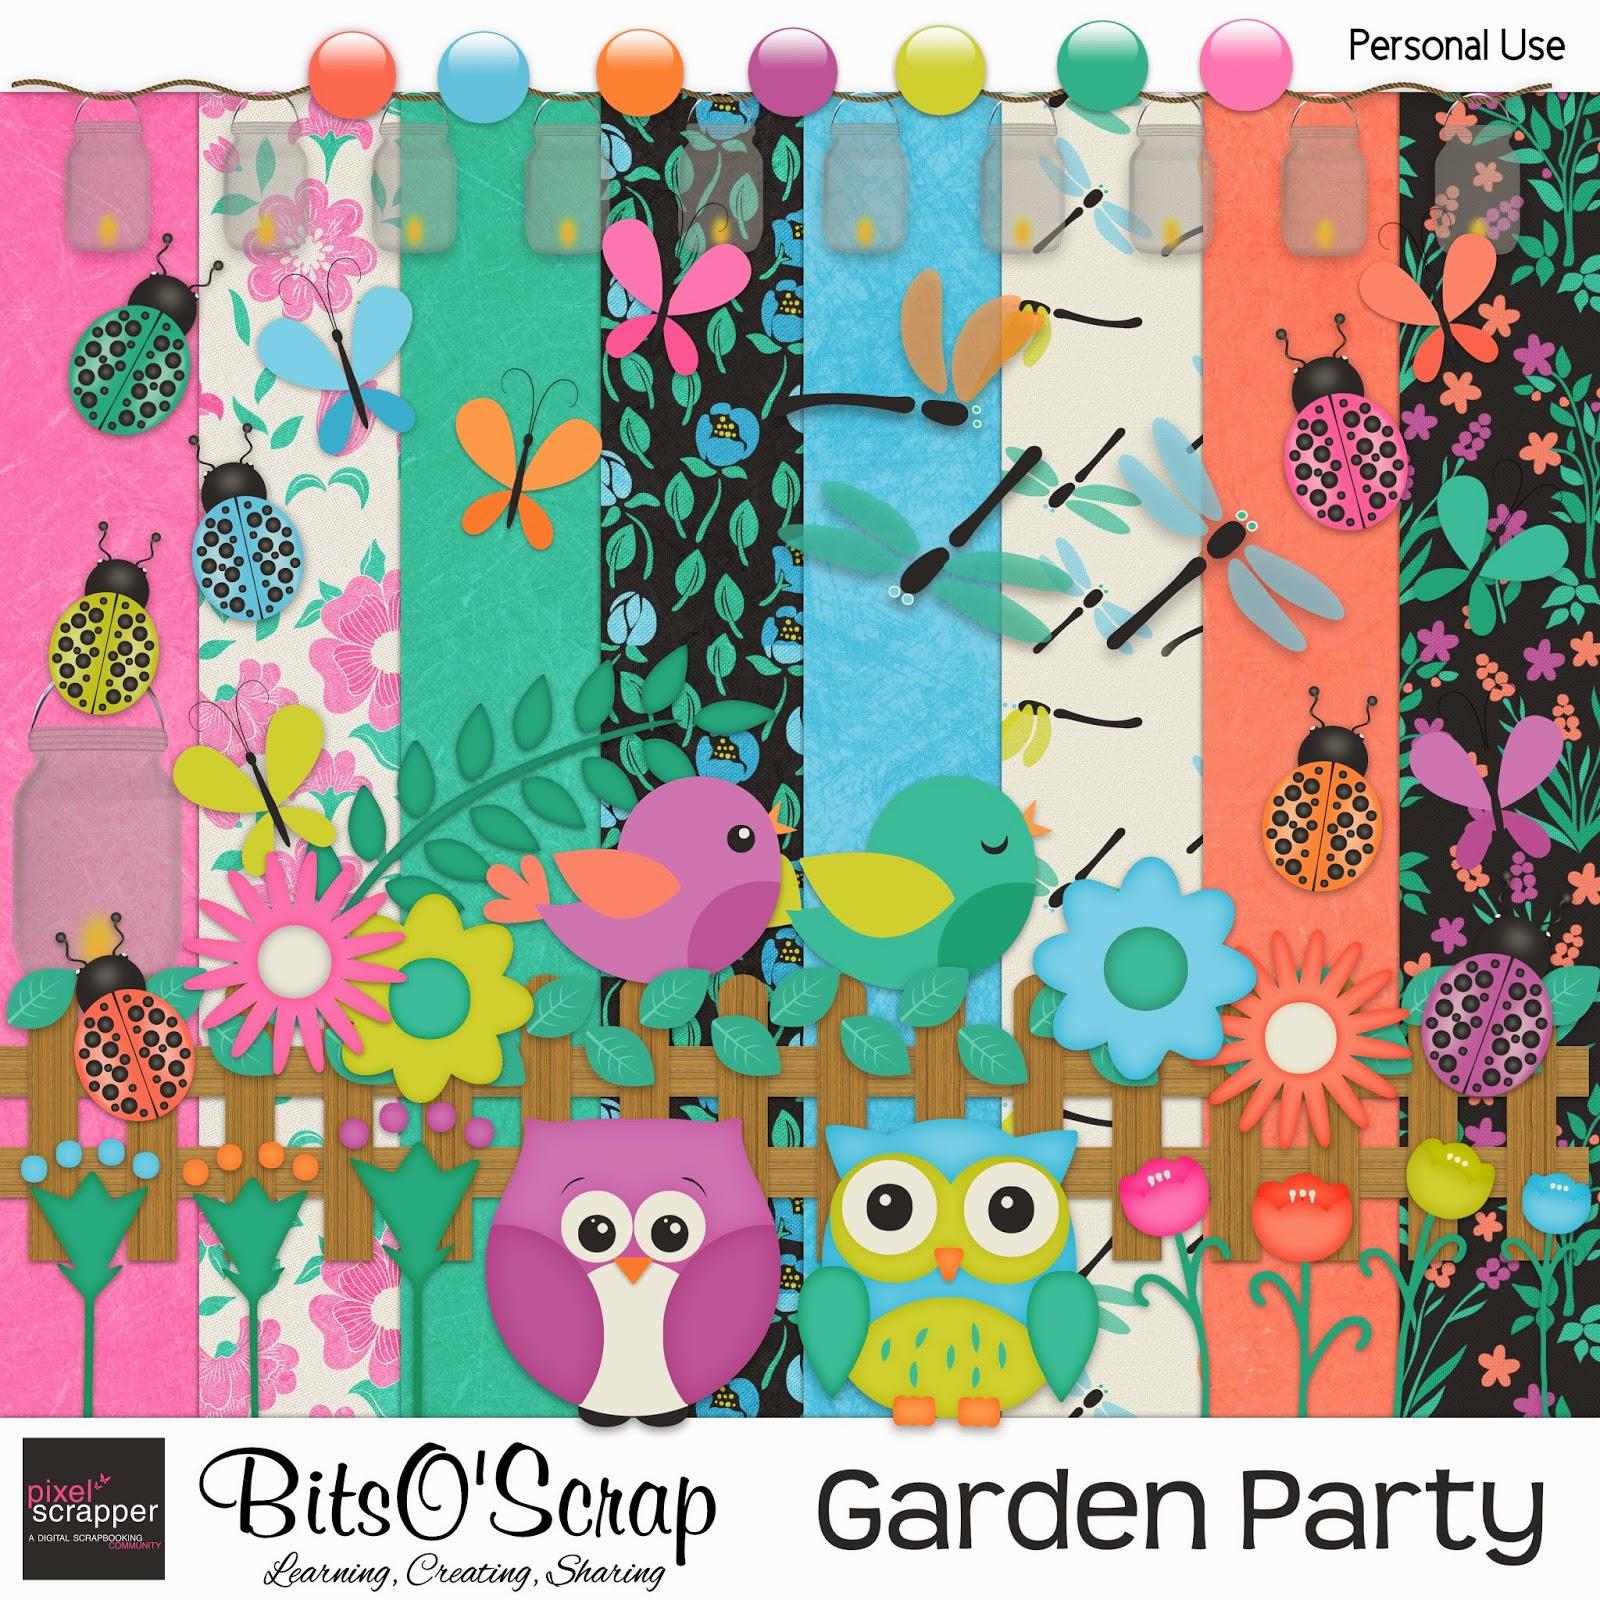 http://2.bp.blogspot.com/-Nn8vfCvaT8A/U9Y1FZlRU-I/AAAAAAAADe8/w7pW0Qgm__I/s1600/Garden+Party+preview.jpg